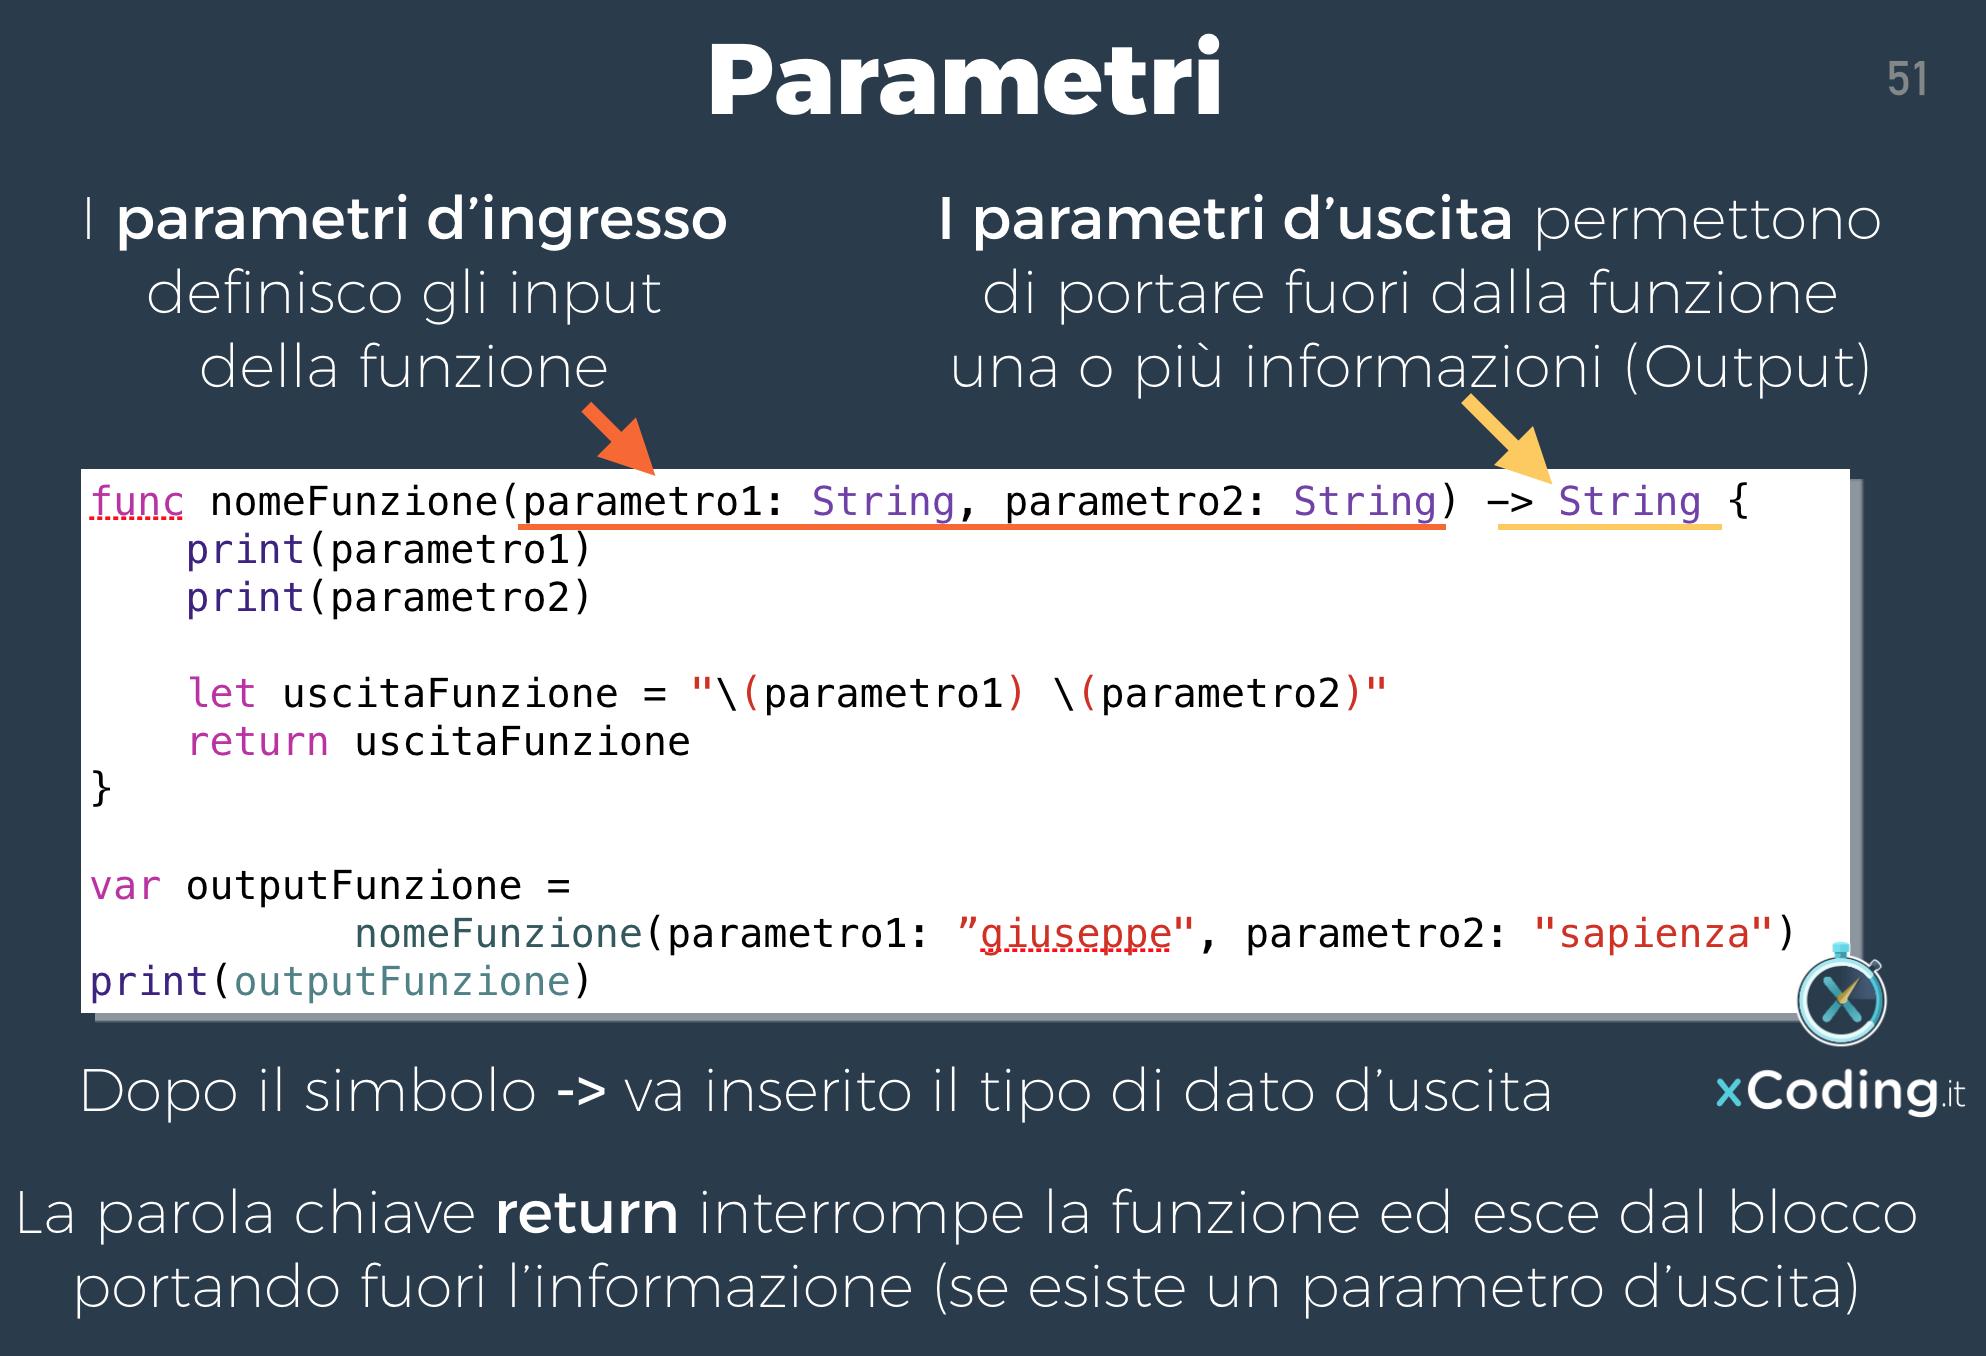 parametri-funzioni-linguaggio-swift